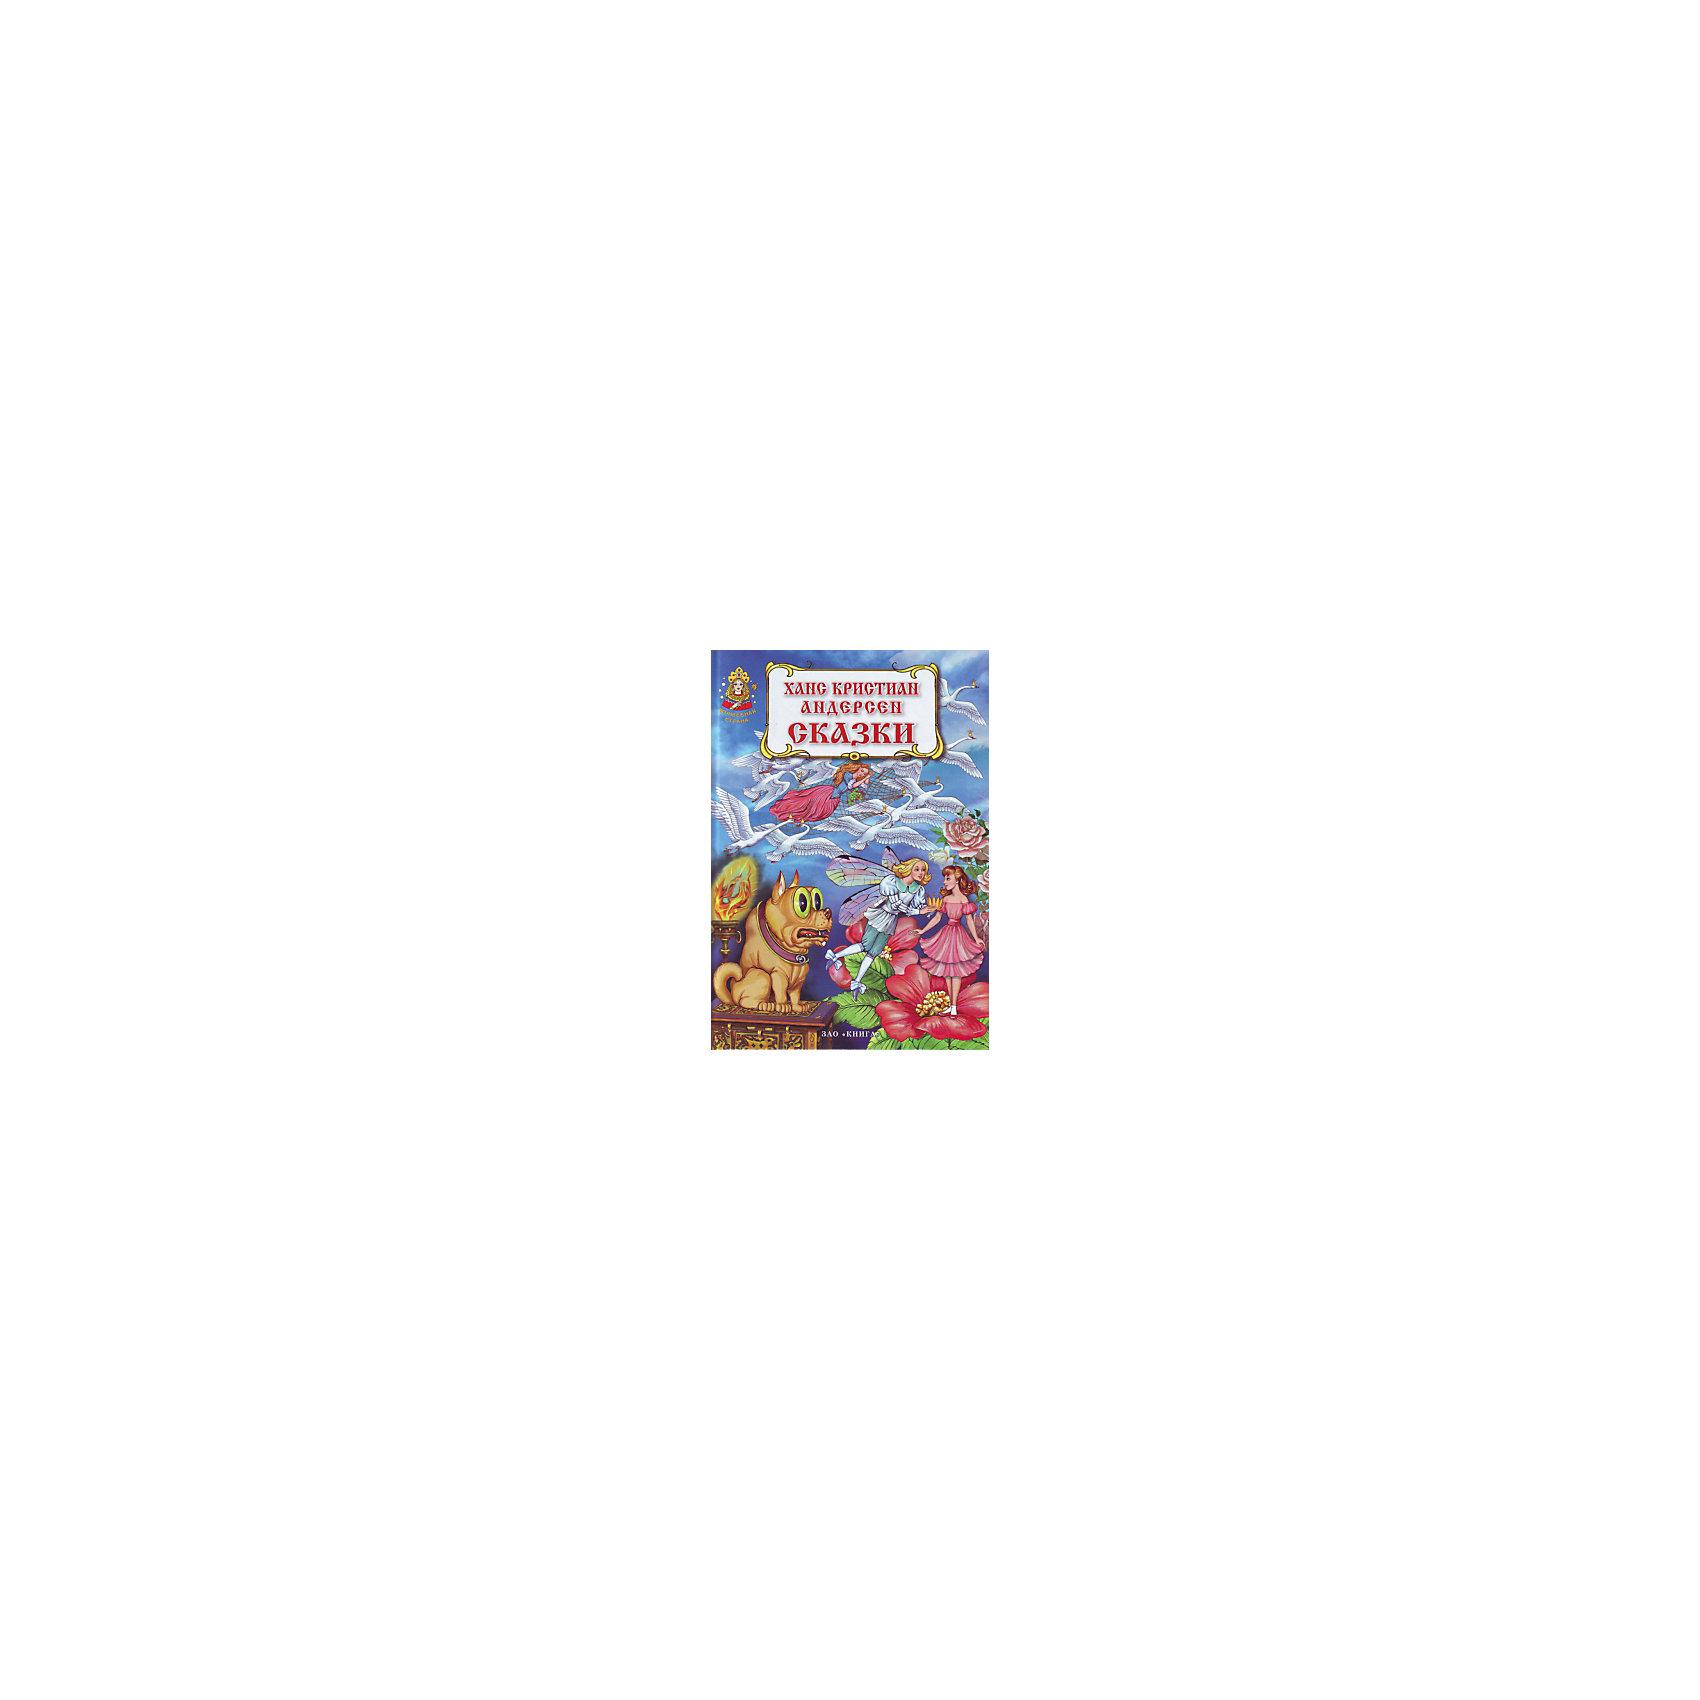 Сказки Андерсена: серия сказок Волшебная странаАвторские сказки Ганса Кристиана Андерсена, одновременно и прекрасные, и печальные, завоевали сердца читателей всех возрастов. Сборник сказок Андерсена, выпущенный в серии Волшебная страна издательским домом Книга, займет достойное место на книжной полке ребенка. В сборник вошли самые известные сказки: Принцесса на горошине, Дикие лебеди, Гадкий утенок и другие. Книга великолепно проиллюстрирована, каждому малышу будет интересно разглядывать детализированные изображения героев и происходящих с ними приключений. Маленьким читателям будет комфортно учиться читать по этой книге благодаря крупному шрифту.<br><br>Содержание:<br>Принцесса на горошине.<br>Огниво.<br>Дюймовочка.<br>Свинопас.<br>Дикие лебеди.<br>Гадкий утенок.<br><br>Ширина мм: 245<br>Глубина мм: 170<br>Высота мм: 100<br>Вес г: 500<br>Возраст от месяцев: 36<br>Возраст до месяцев: 2147483647<br>Пол: Унисекс<br>Возраст: Детский<br>SKU: 5521186